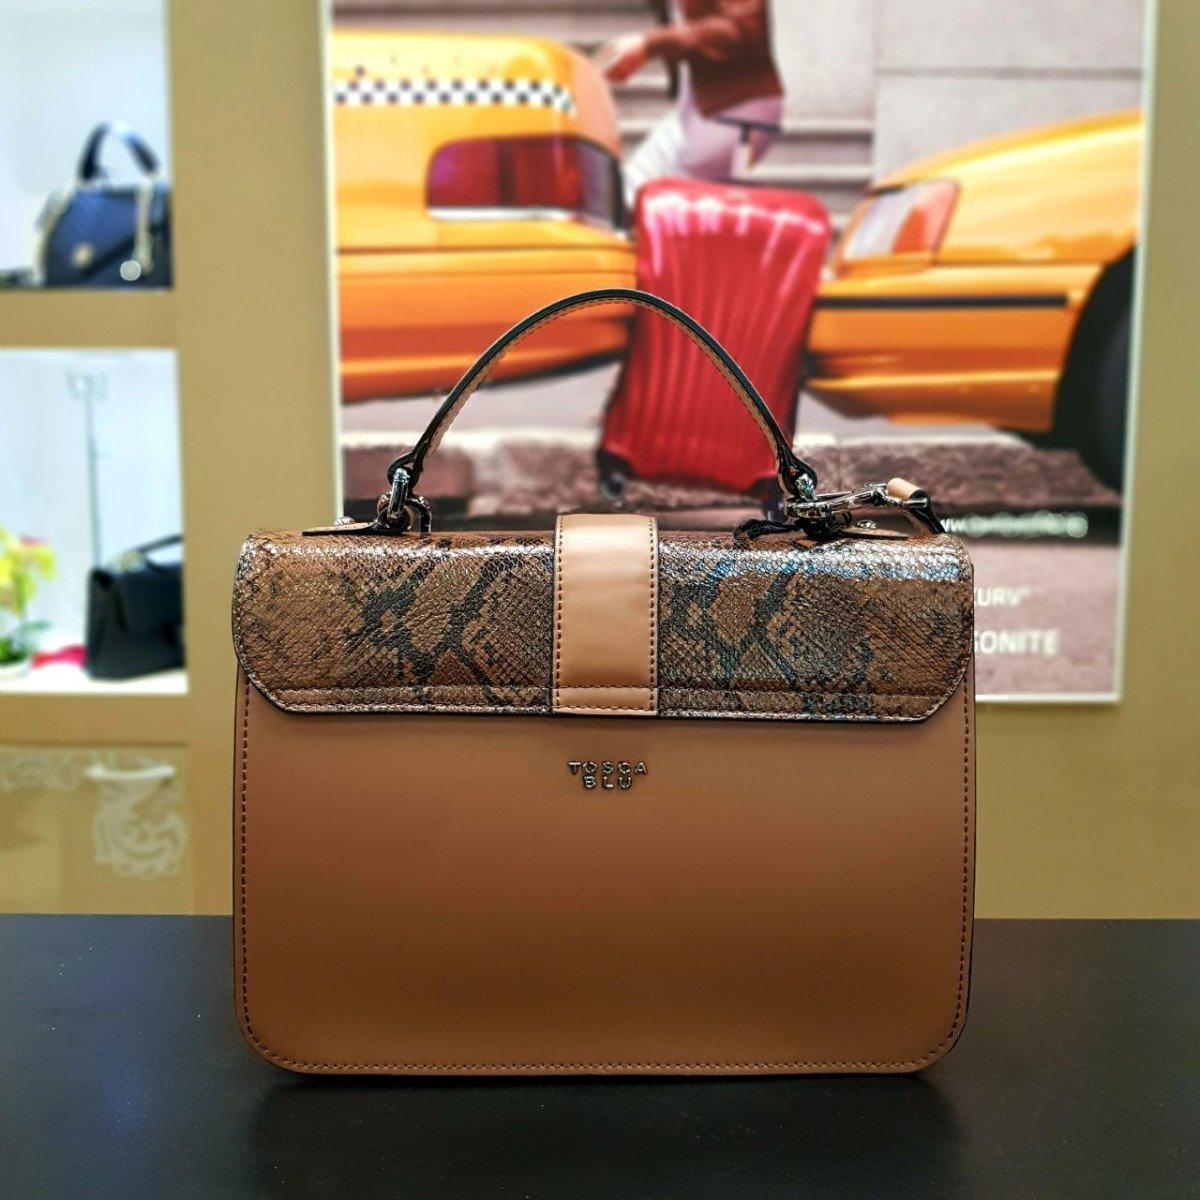 Женская кожаная сумка Tosca Blu TF19MB124 brown pyton из натуральной кожи